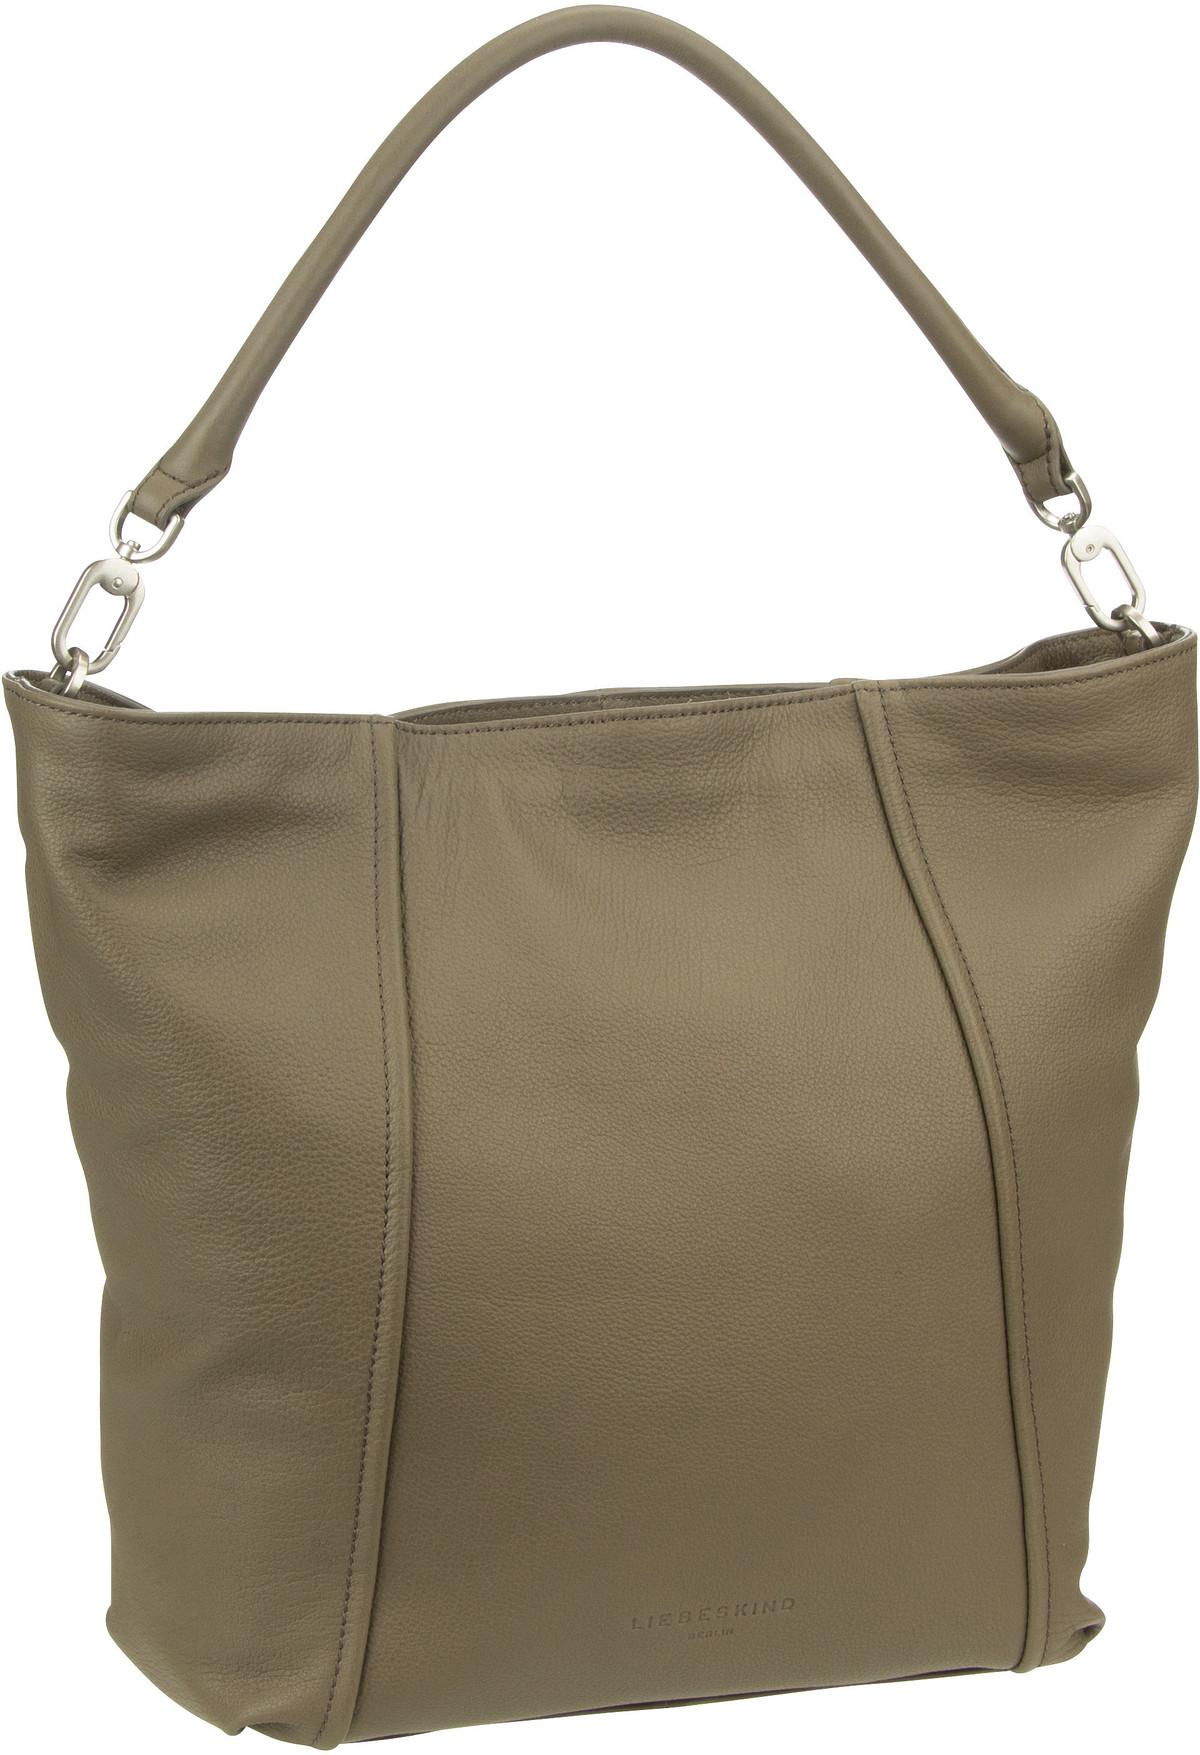 Berlin Handtasche Iva C20 Dusky Olive